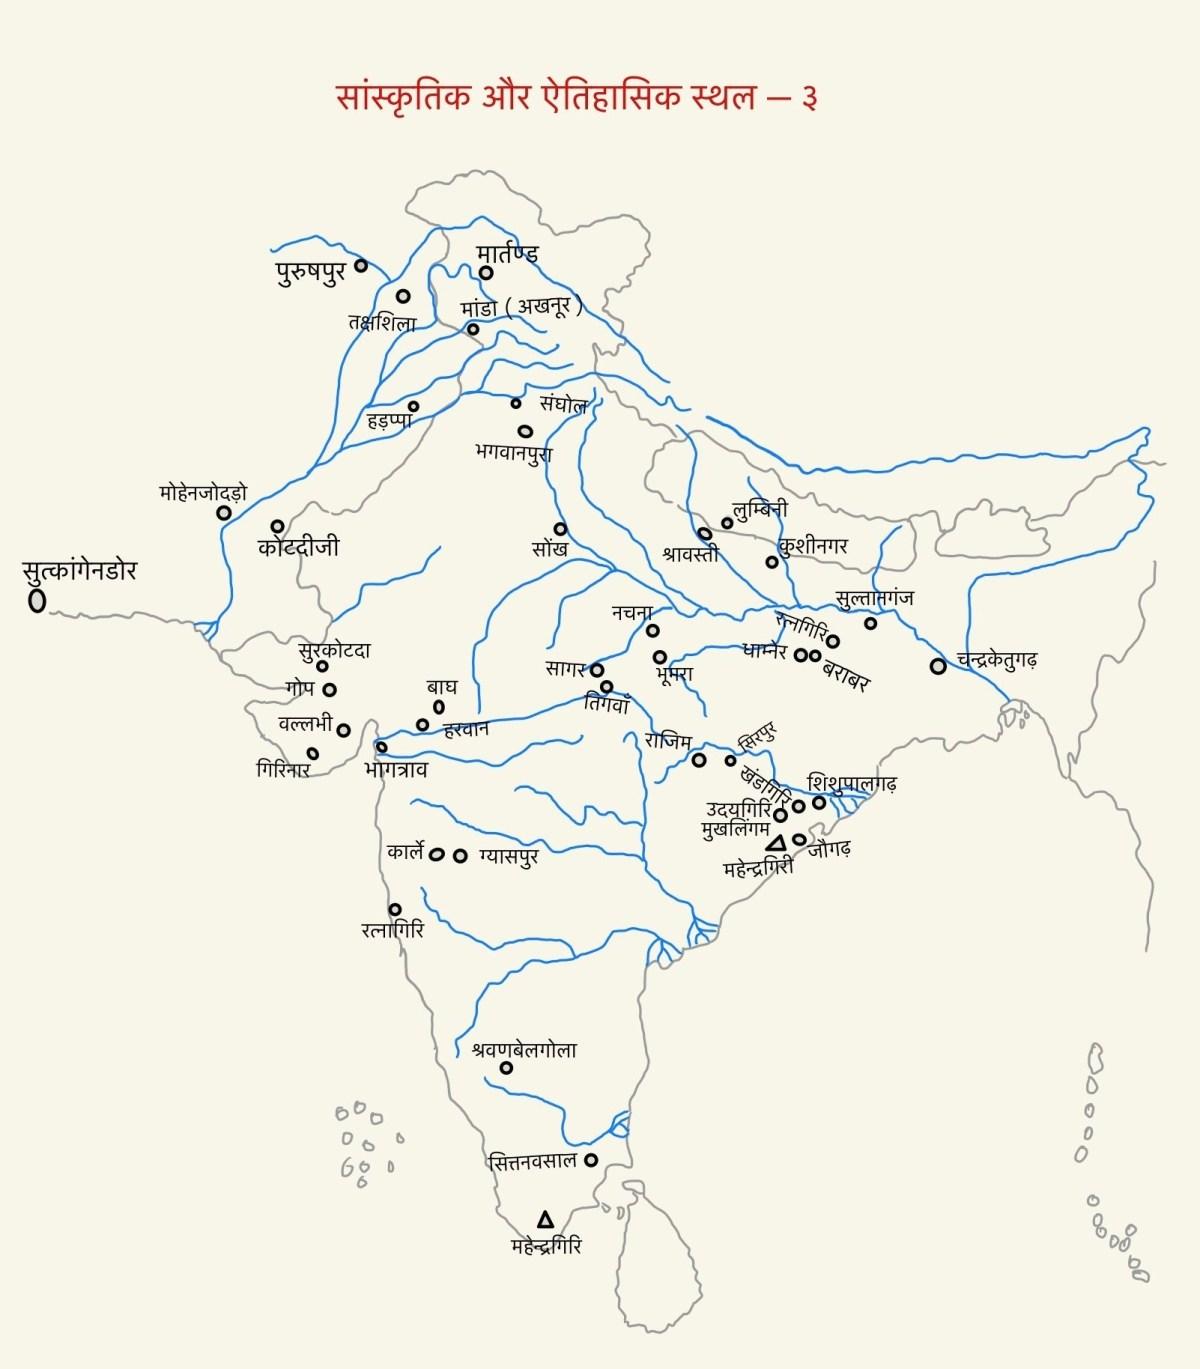 सांस्कृतिक और ऐतिहासिक स्थल का मानचित्रण भाग - ३